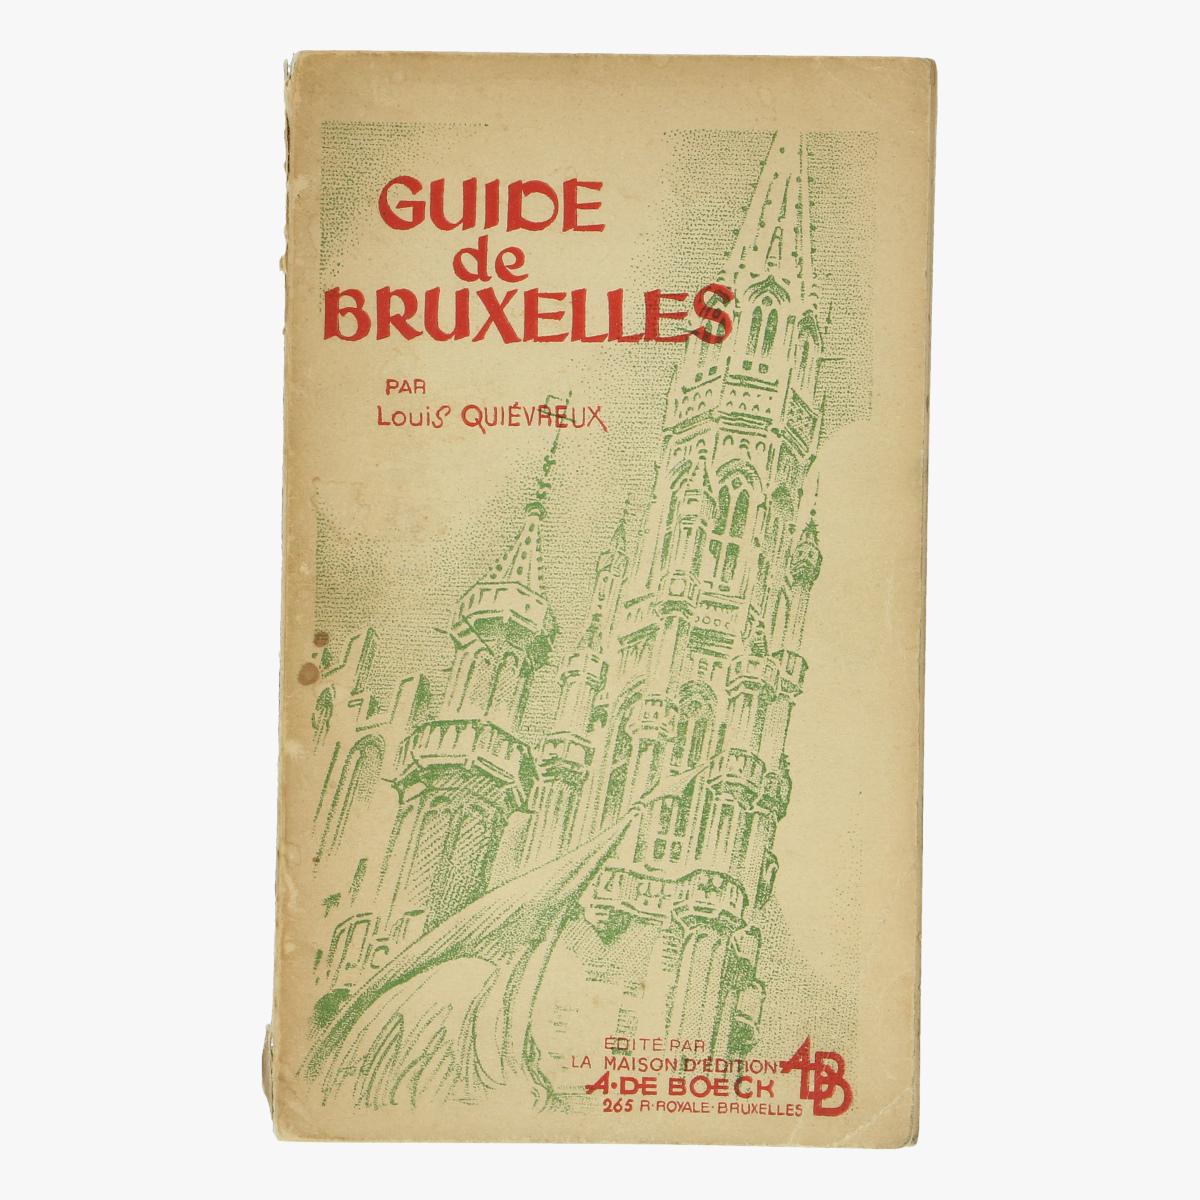 Afbeeldingen van boek guide de bruxelles par louis quiévreux